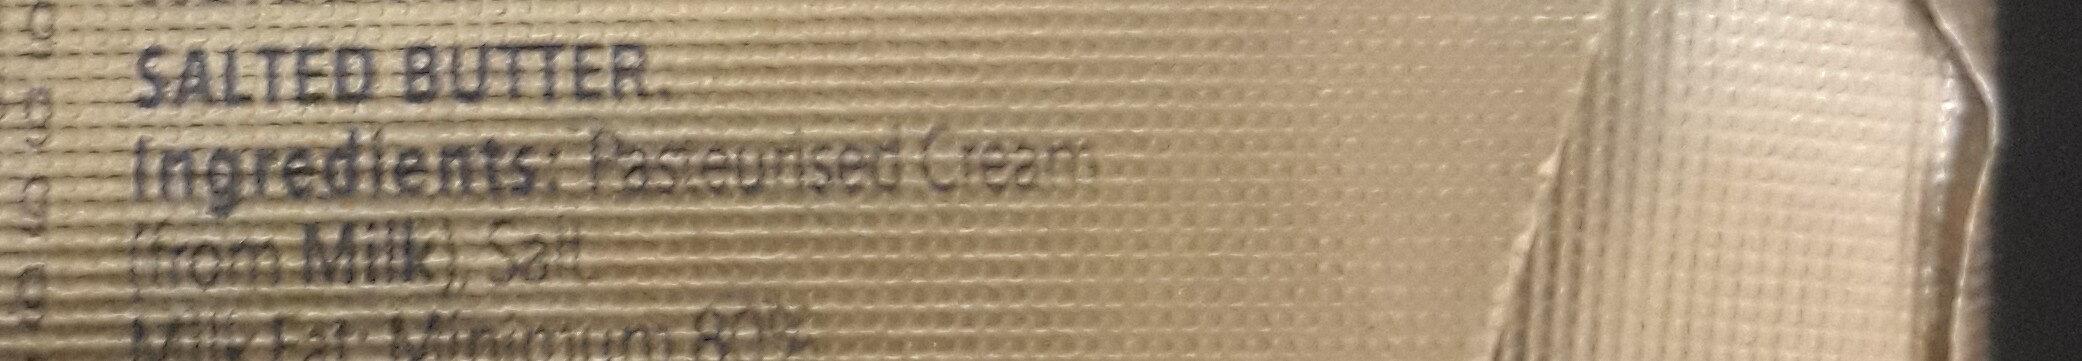 Original Salted Butter - Ingrédients - en